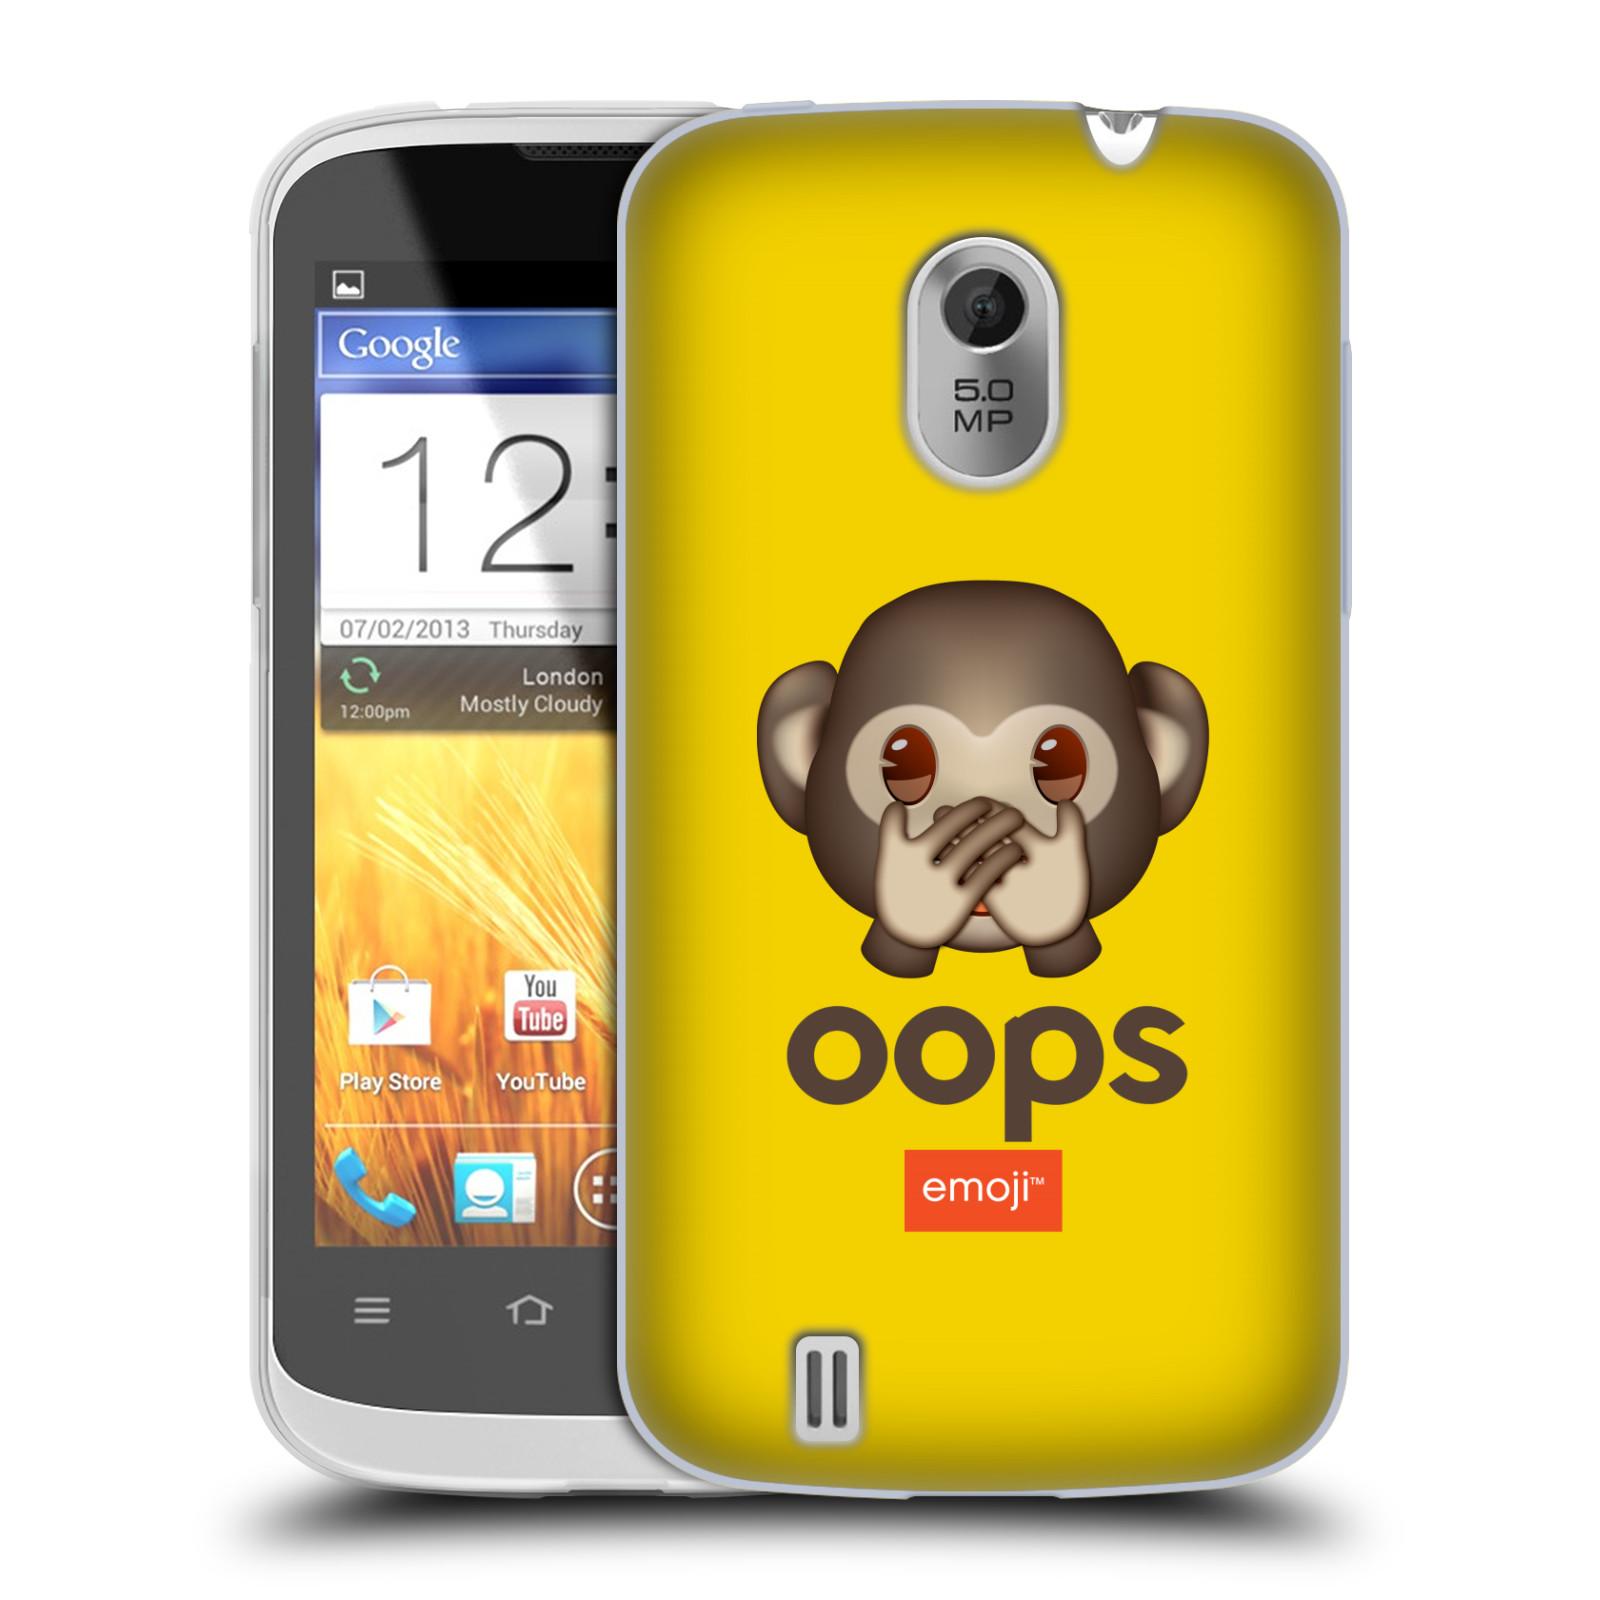 Silikonové pouzdro na mobil ZTE Blade III HEAD CASE EMOJI - Opička OOPS (Silikonový kryt či obal s oficiálním motivem EMOJI na mobilní telefon ZTE Blade 3)